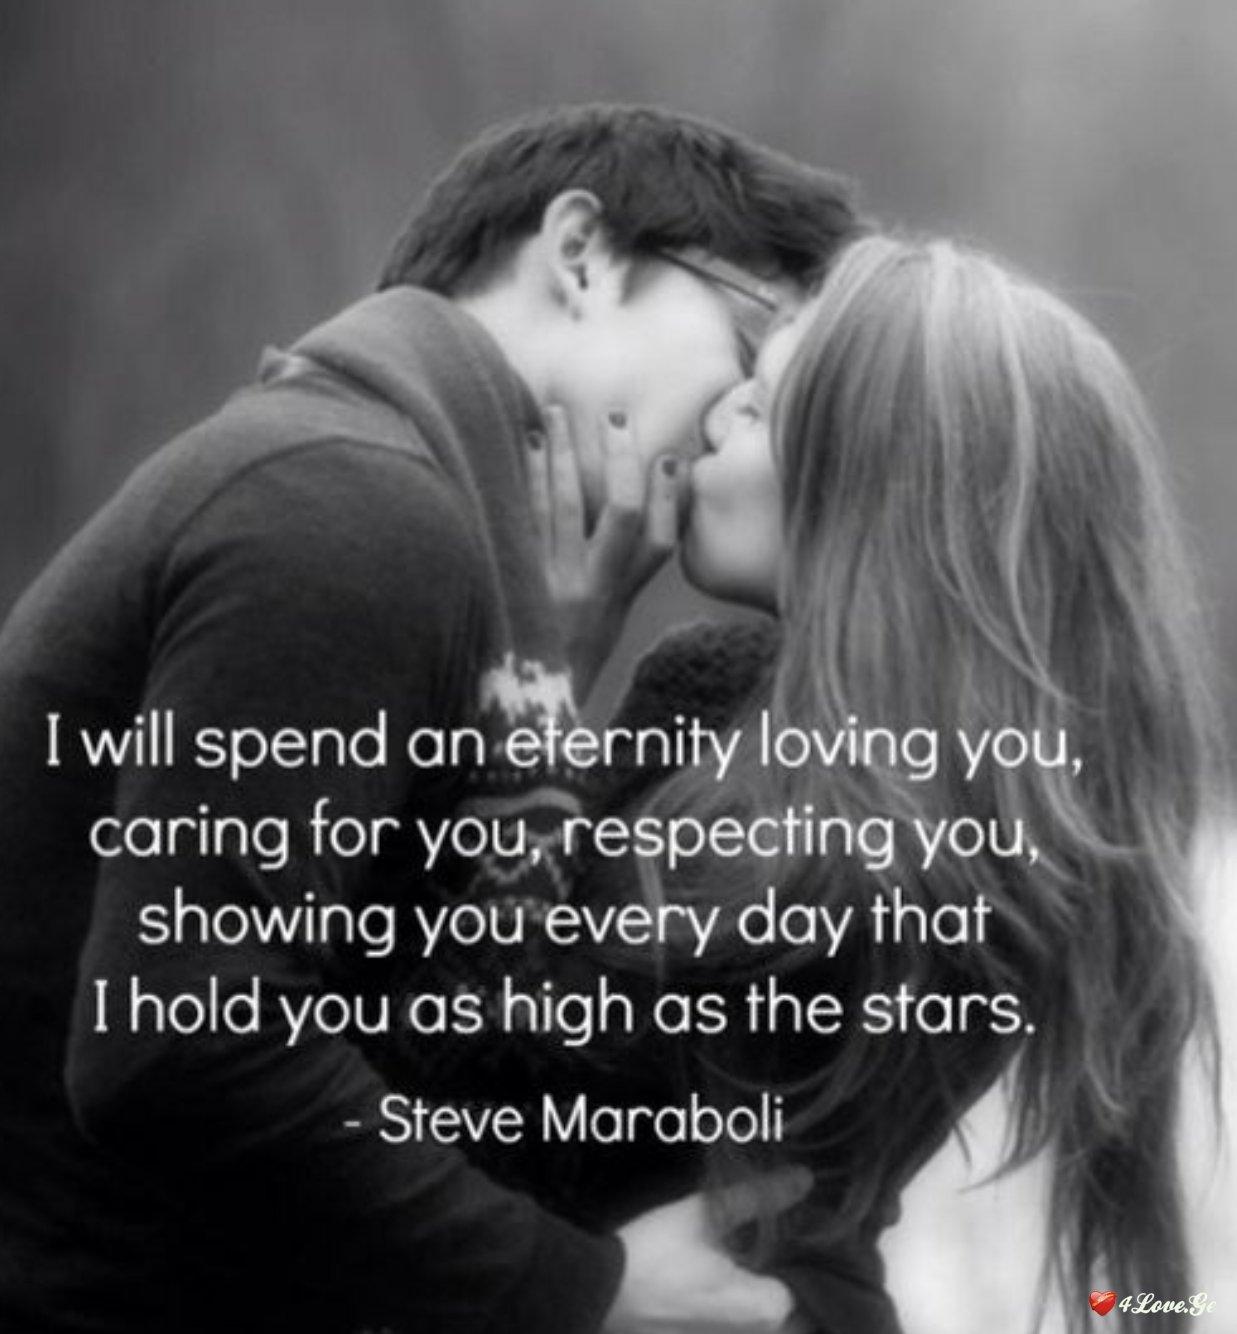 კვლავ უიმედოდ მიყვარხარ